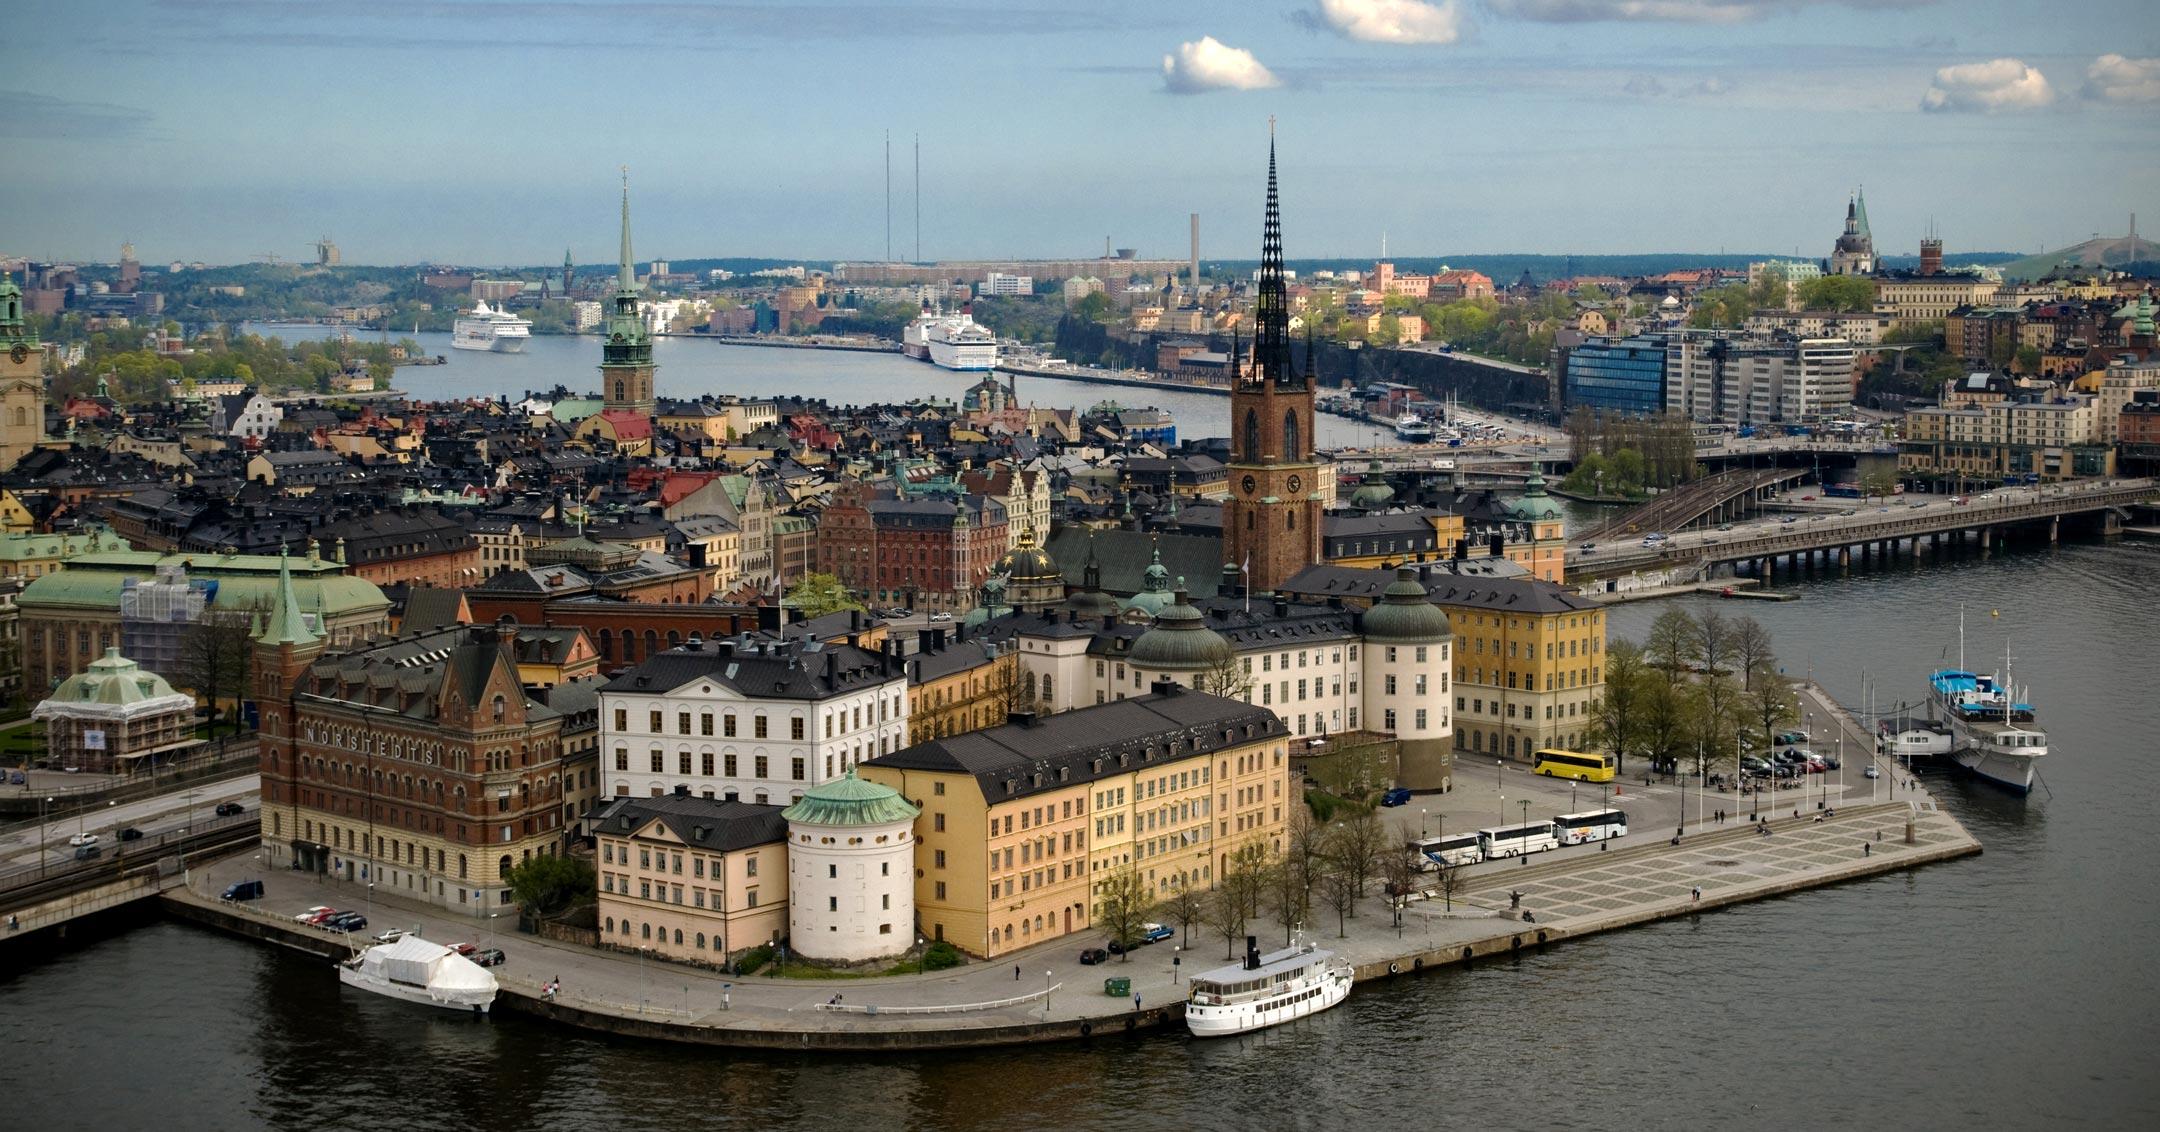 Luftfracht Hubschrauber Schweden